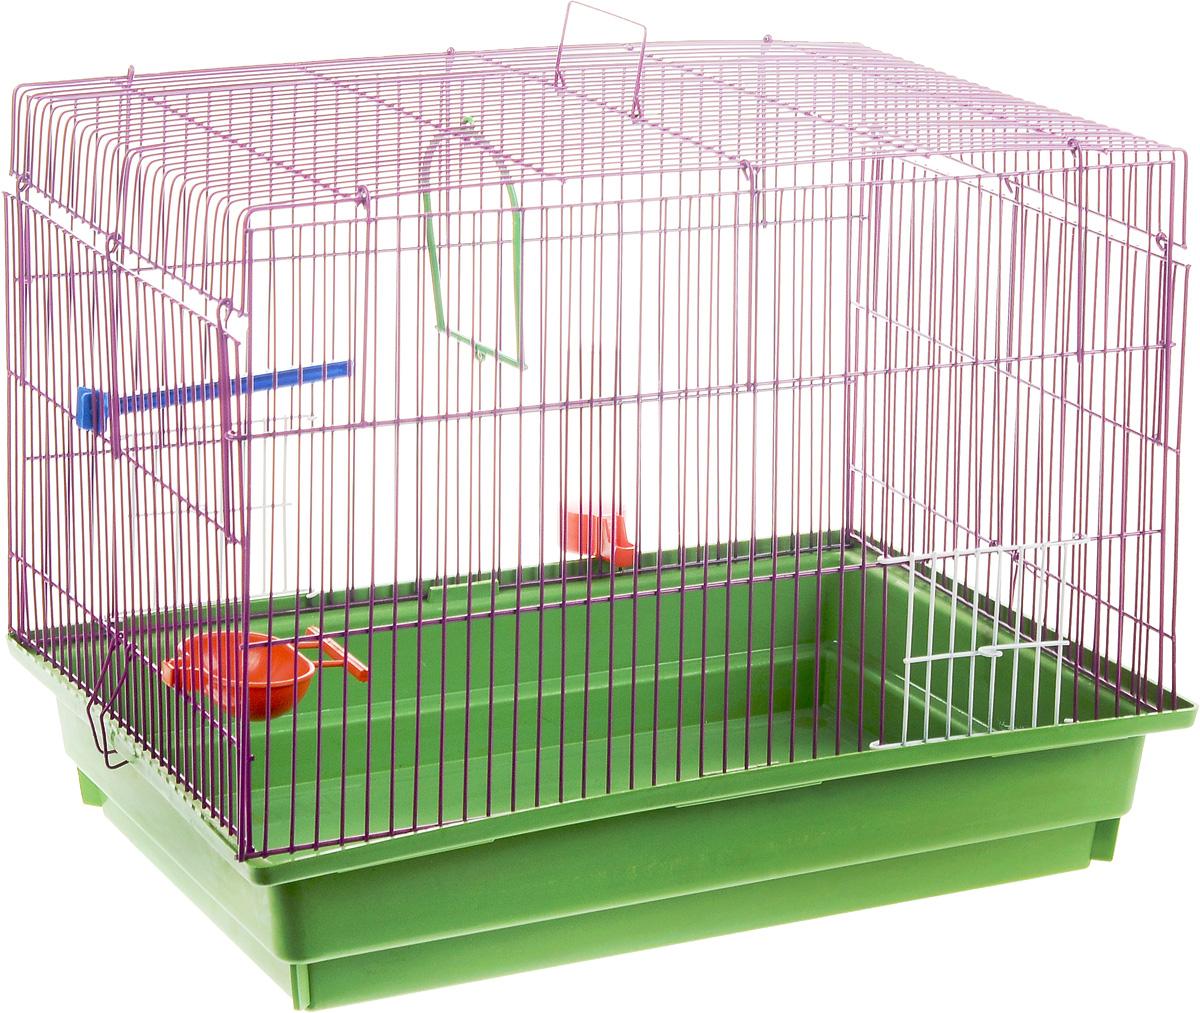 Клетка для птиц ЗооМарк, цвет: зеленый поддон, фиолетовая решетка, 50 х 31 х 41 см470_зеленый/фиолетовыйКлетка ЗооМарк, выполненная из полипропилена и металла с эмалированным покрытием, предназначена для птиц. Изделие состоит из большого поддона и решетки. Клетка снабжена металлической дверцей. Она удобна в использовании и легко чистится. Клетка оснащена жердочкой, кольцом для птицы, поилкой, кормушкой и подвижной ручкой для удобной переноски. Комплектация: - клетка с поддоном, - поилка; - кормушка; - кольцо. Размеры клетки: 50 см х 31 см х 41 см.